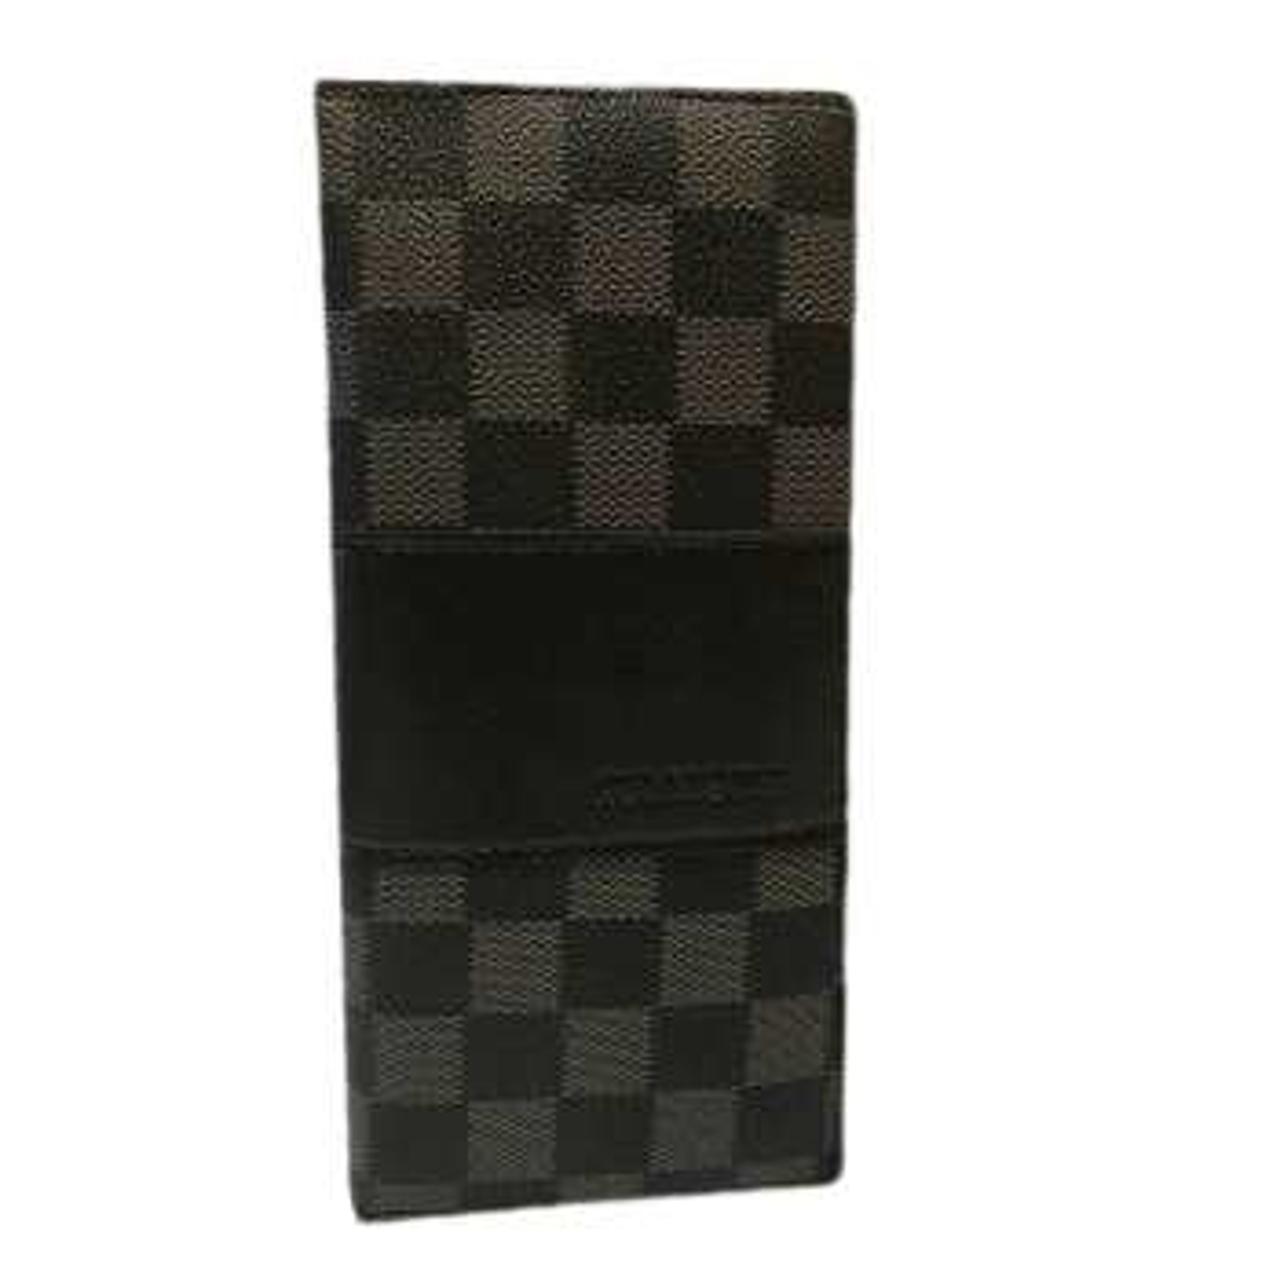 کیف پول رایا مدل Chess